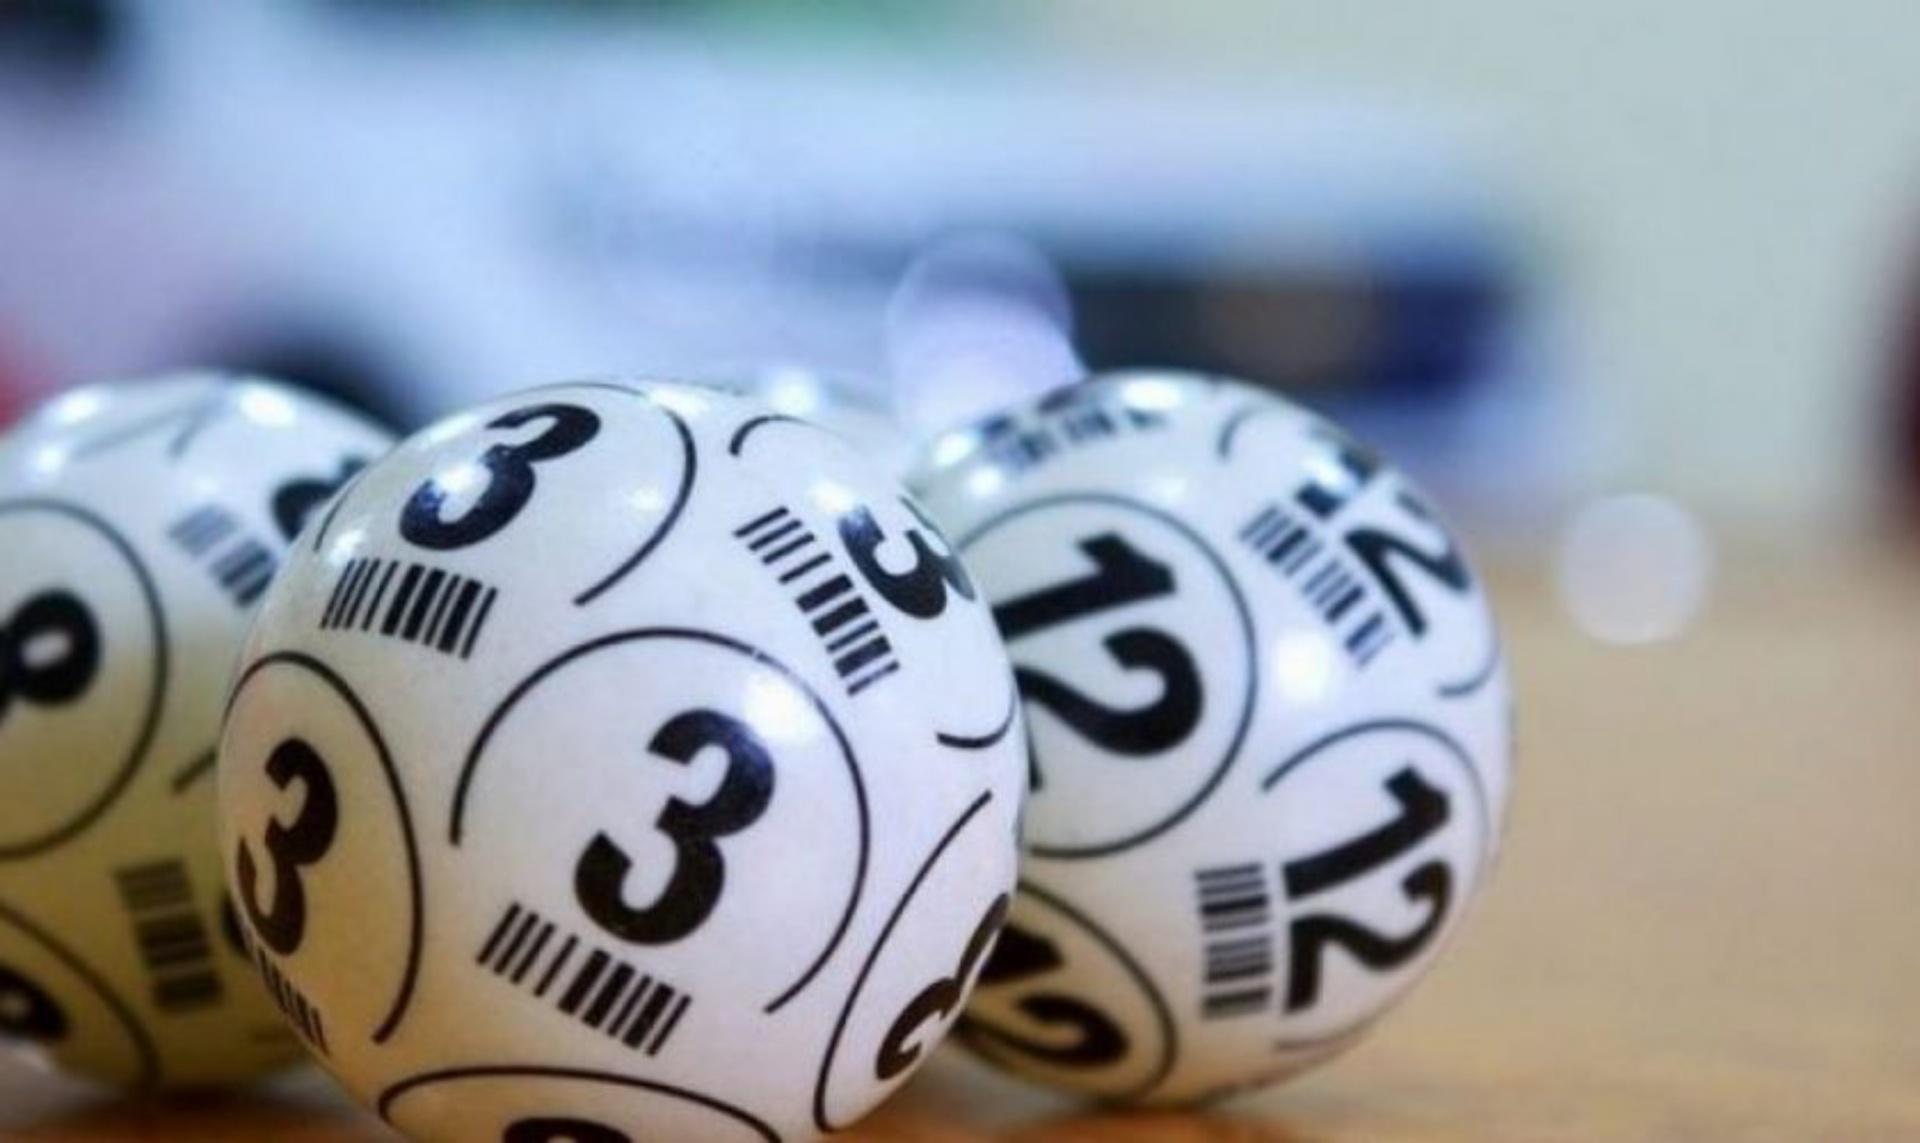 Rezultate loto duminică, 5 iulie. Numerele extrase la 6/49, Joker, Noroc și celelalte jocuri